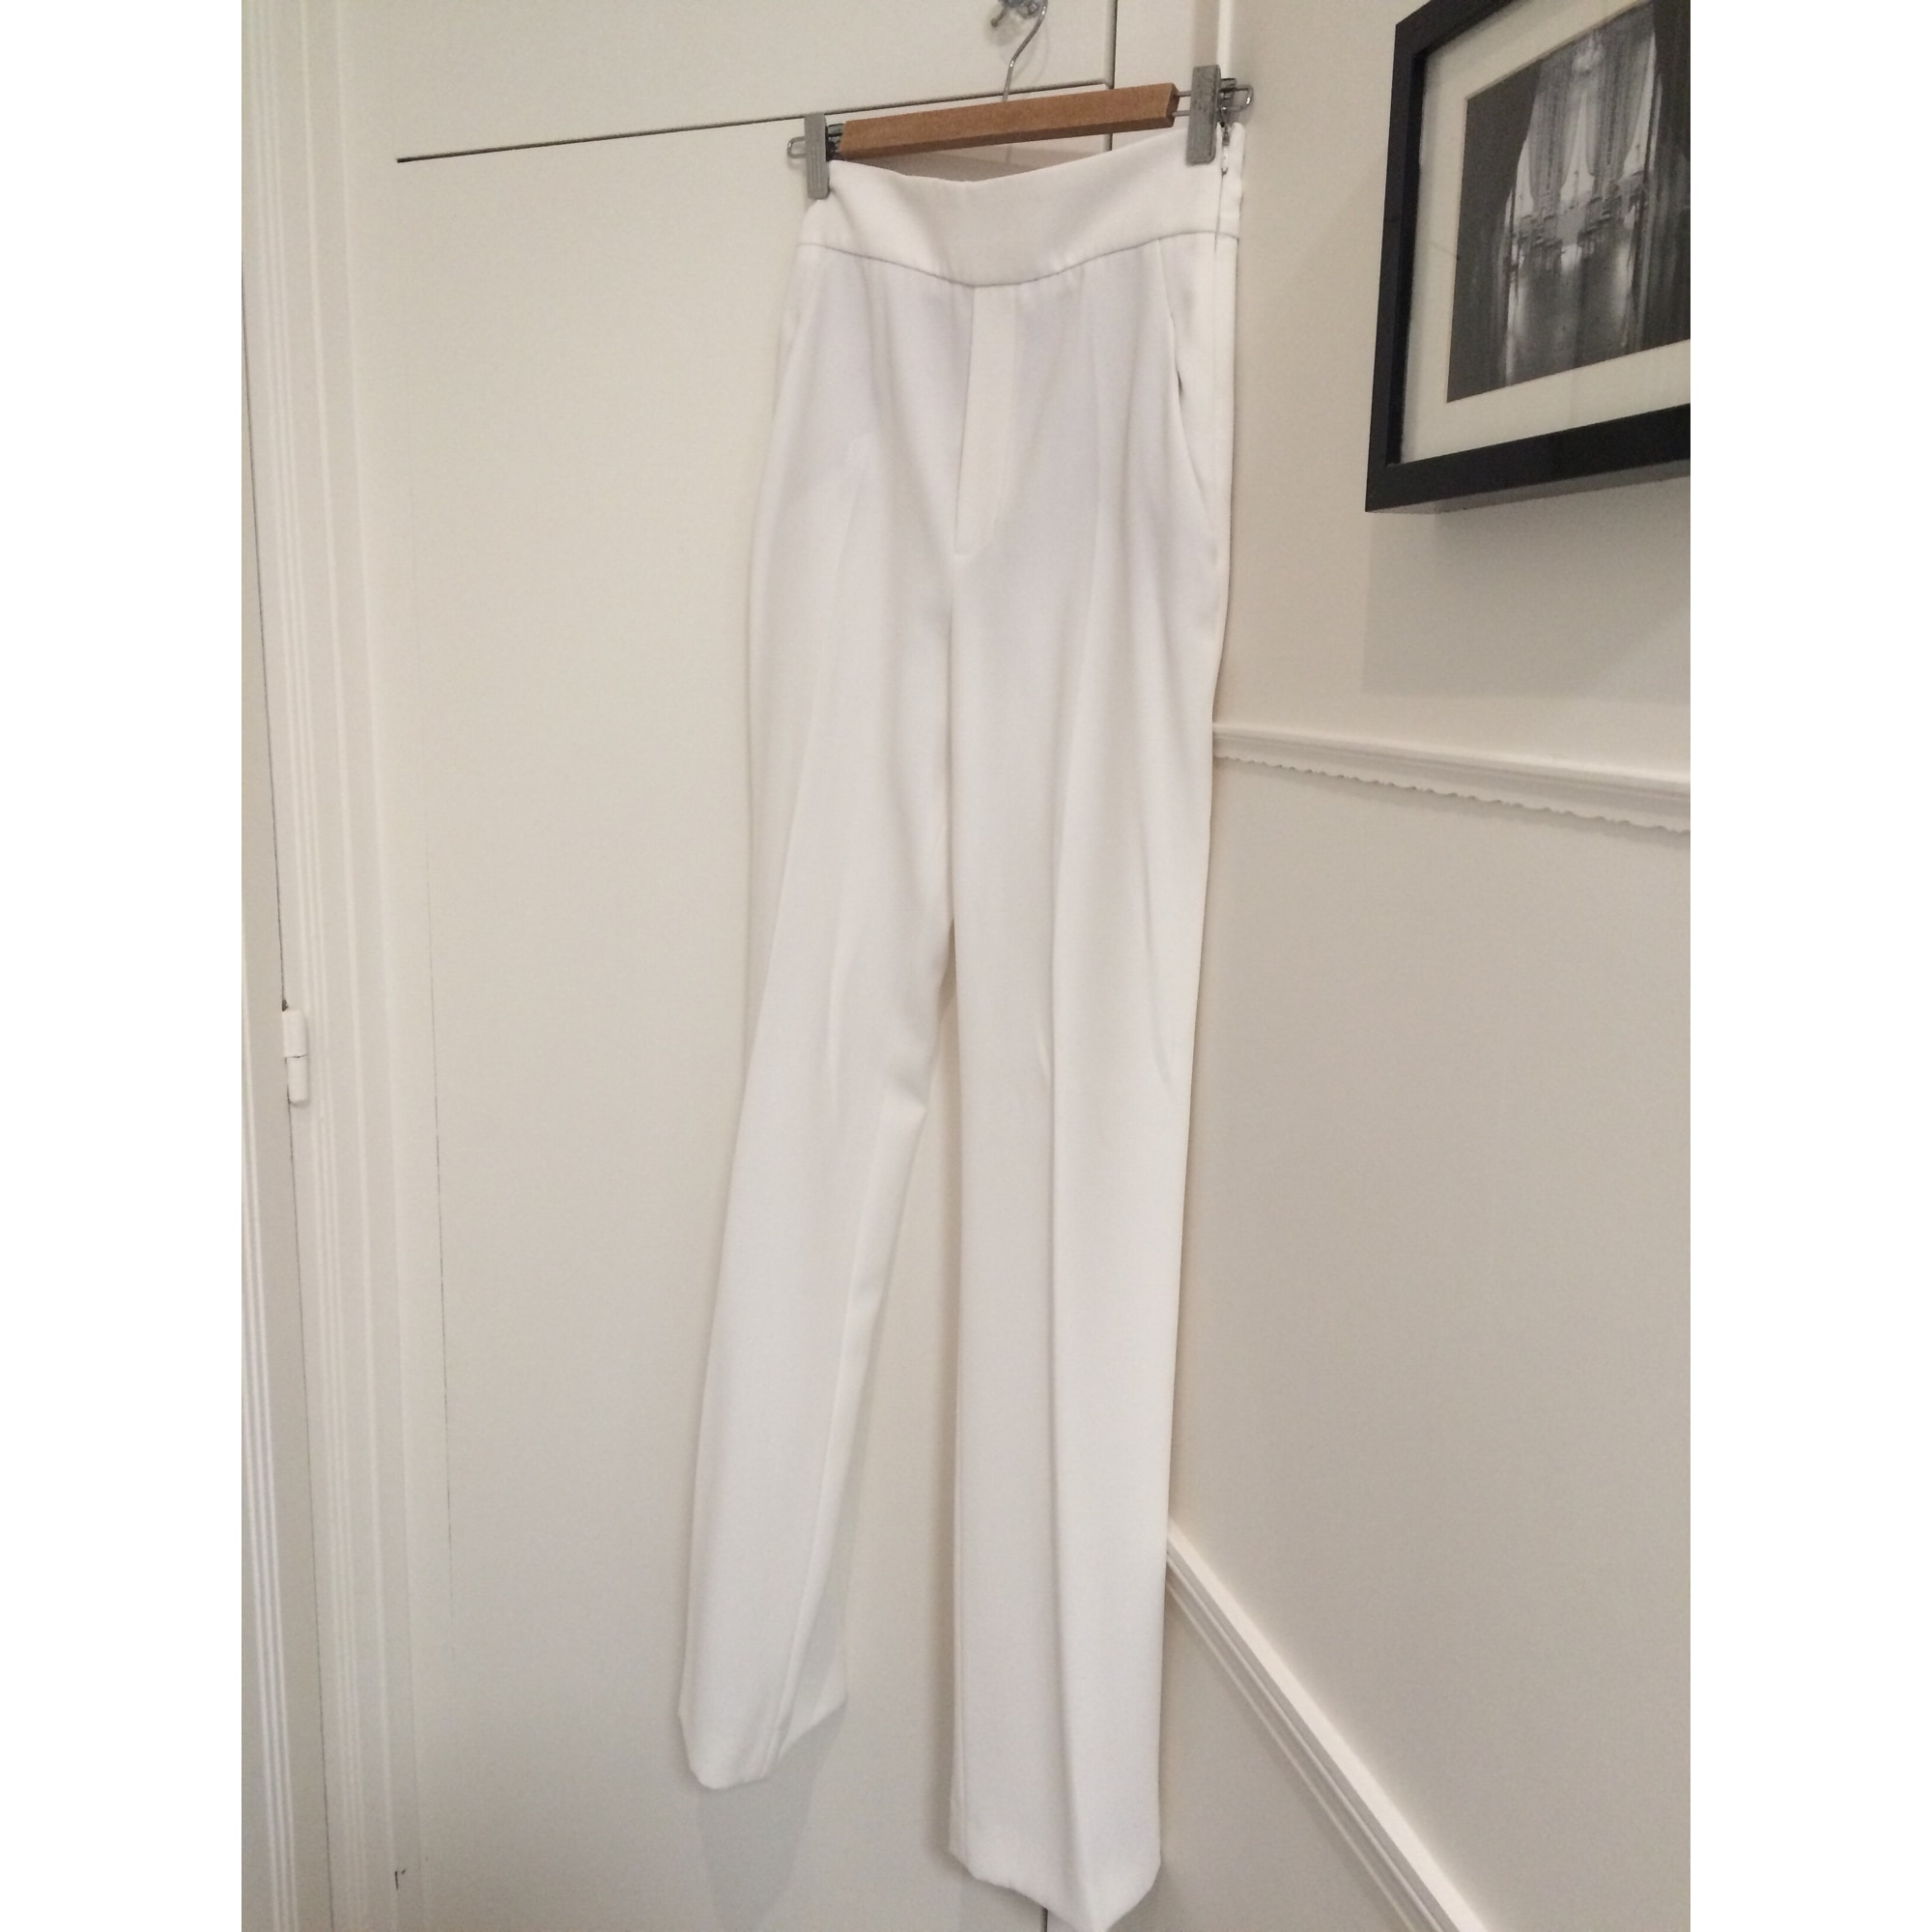 huge selection of buy online 50% off Pantalon large